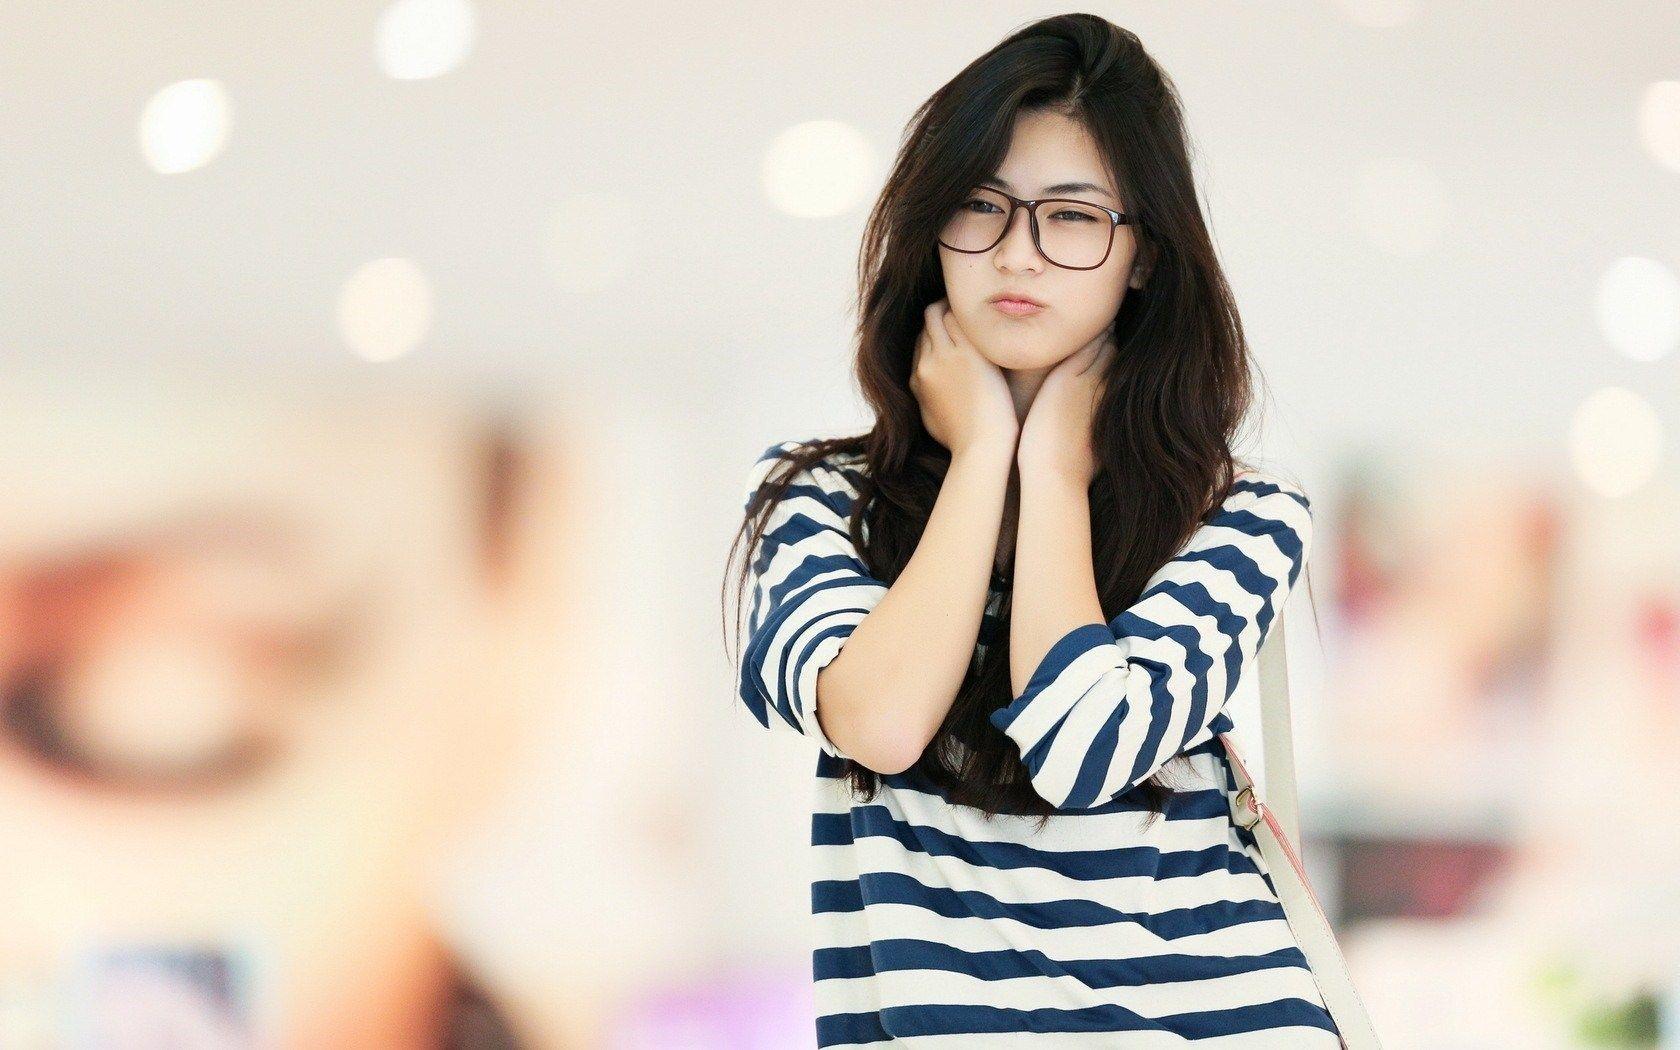 Korean Girls Free Wallpaper